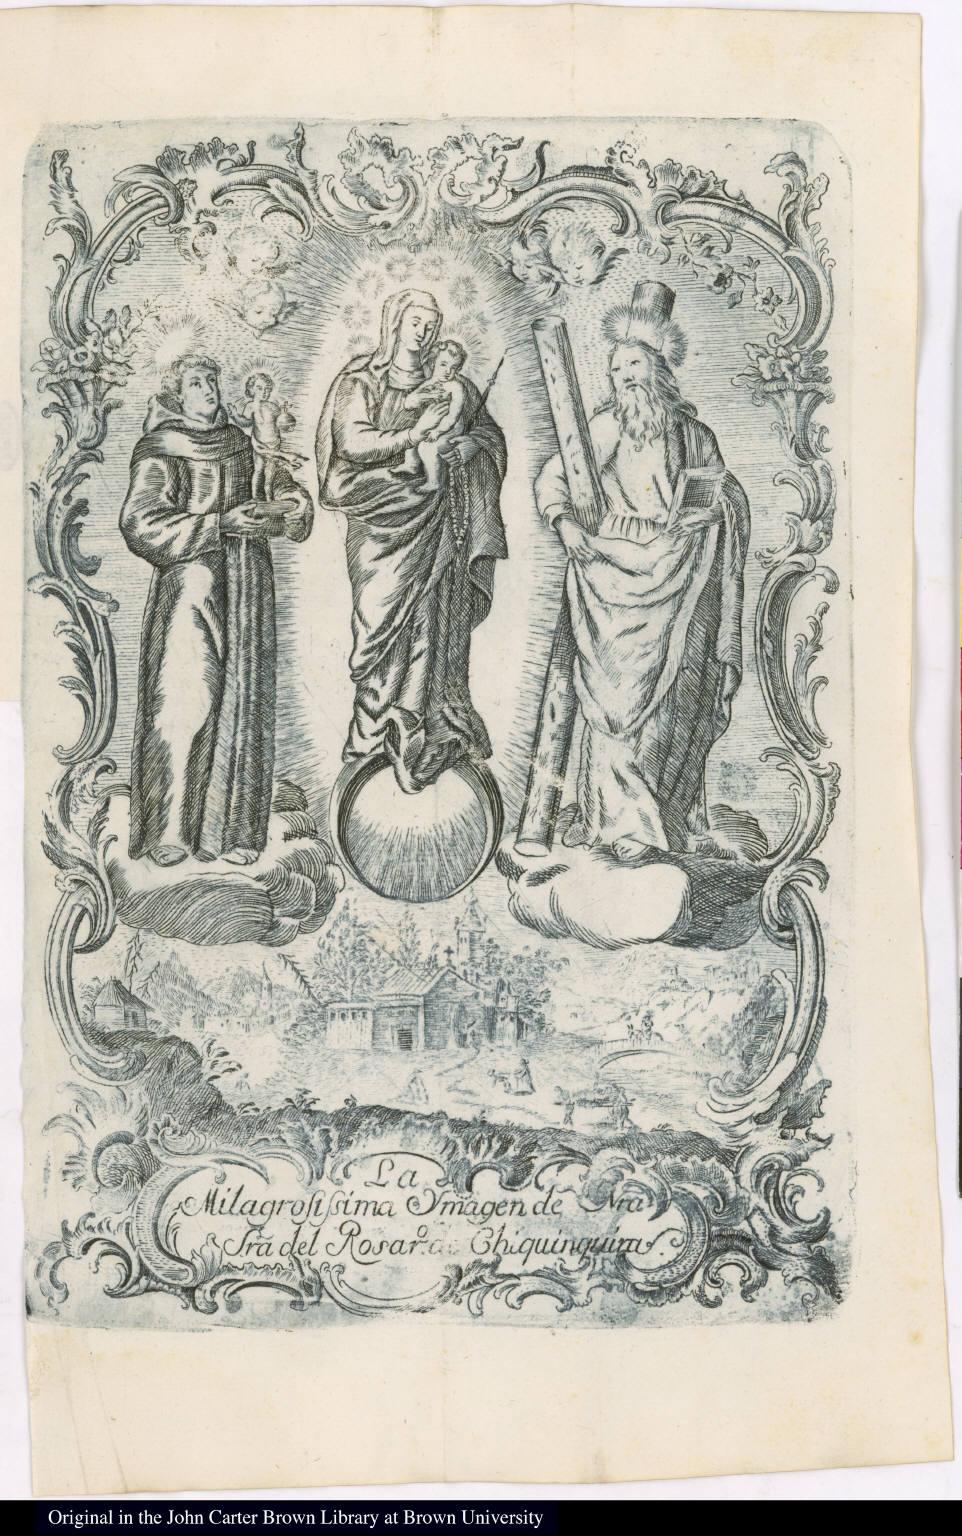 La Milagrosissima Ymagen de Nra Sra del Rosar[i]o de Chiquinquira